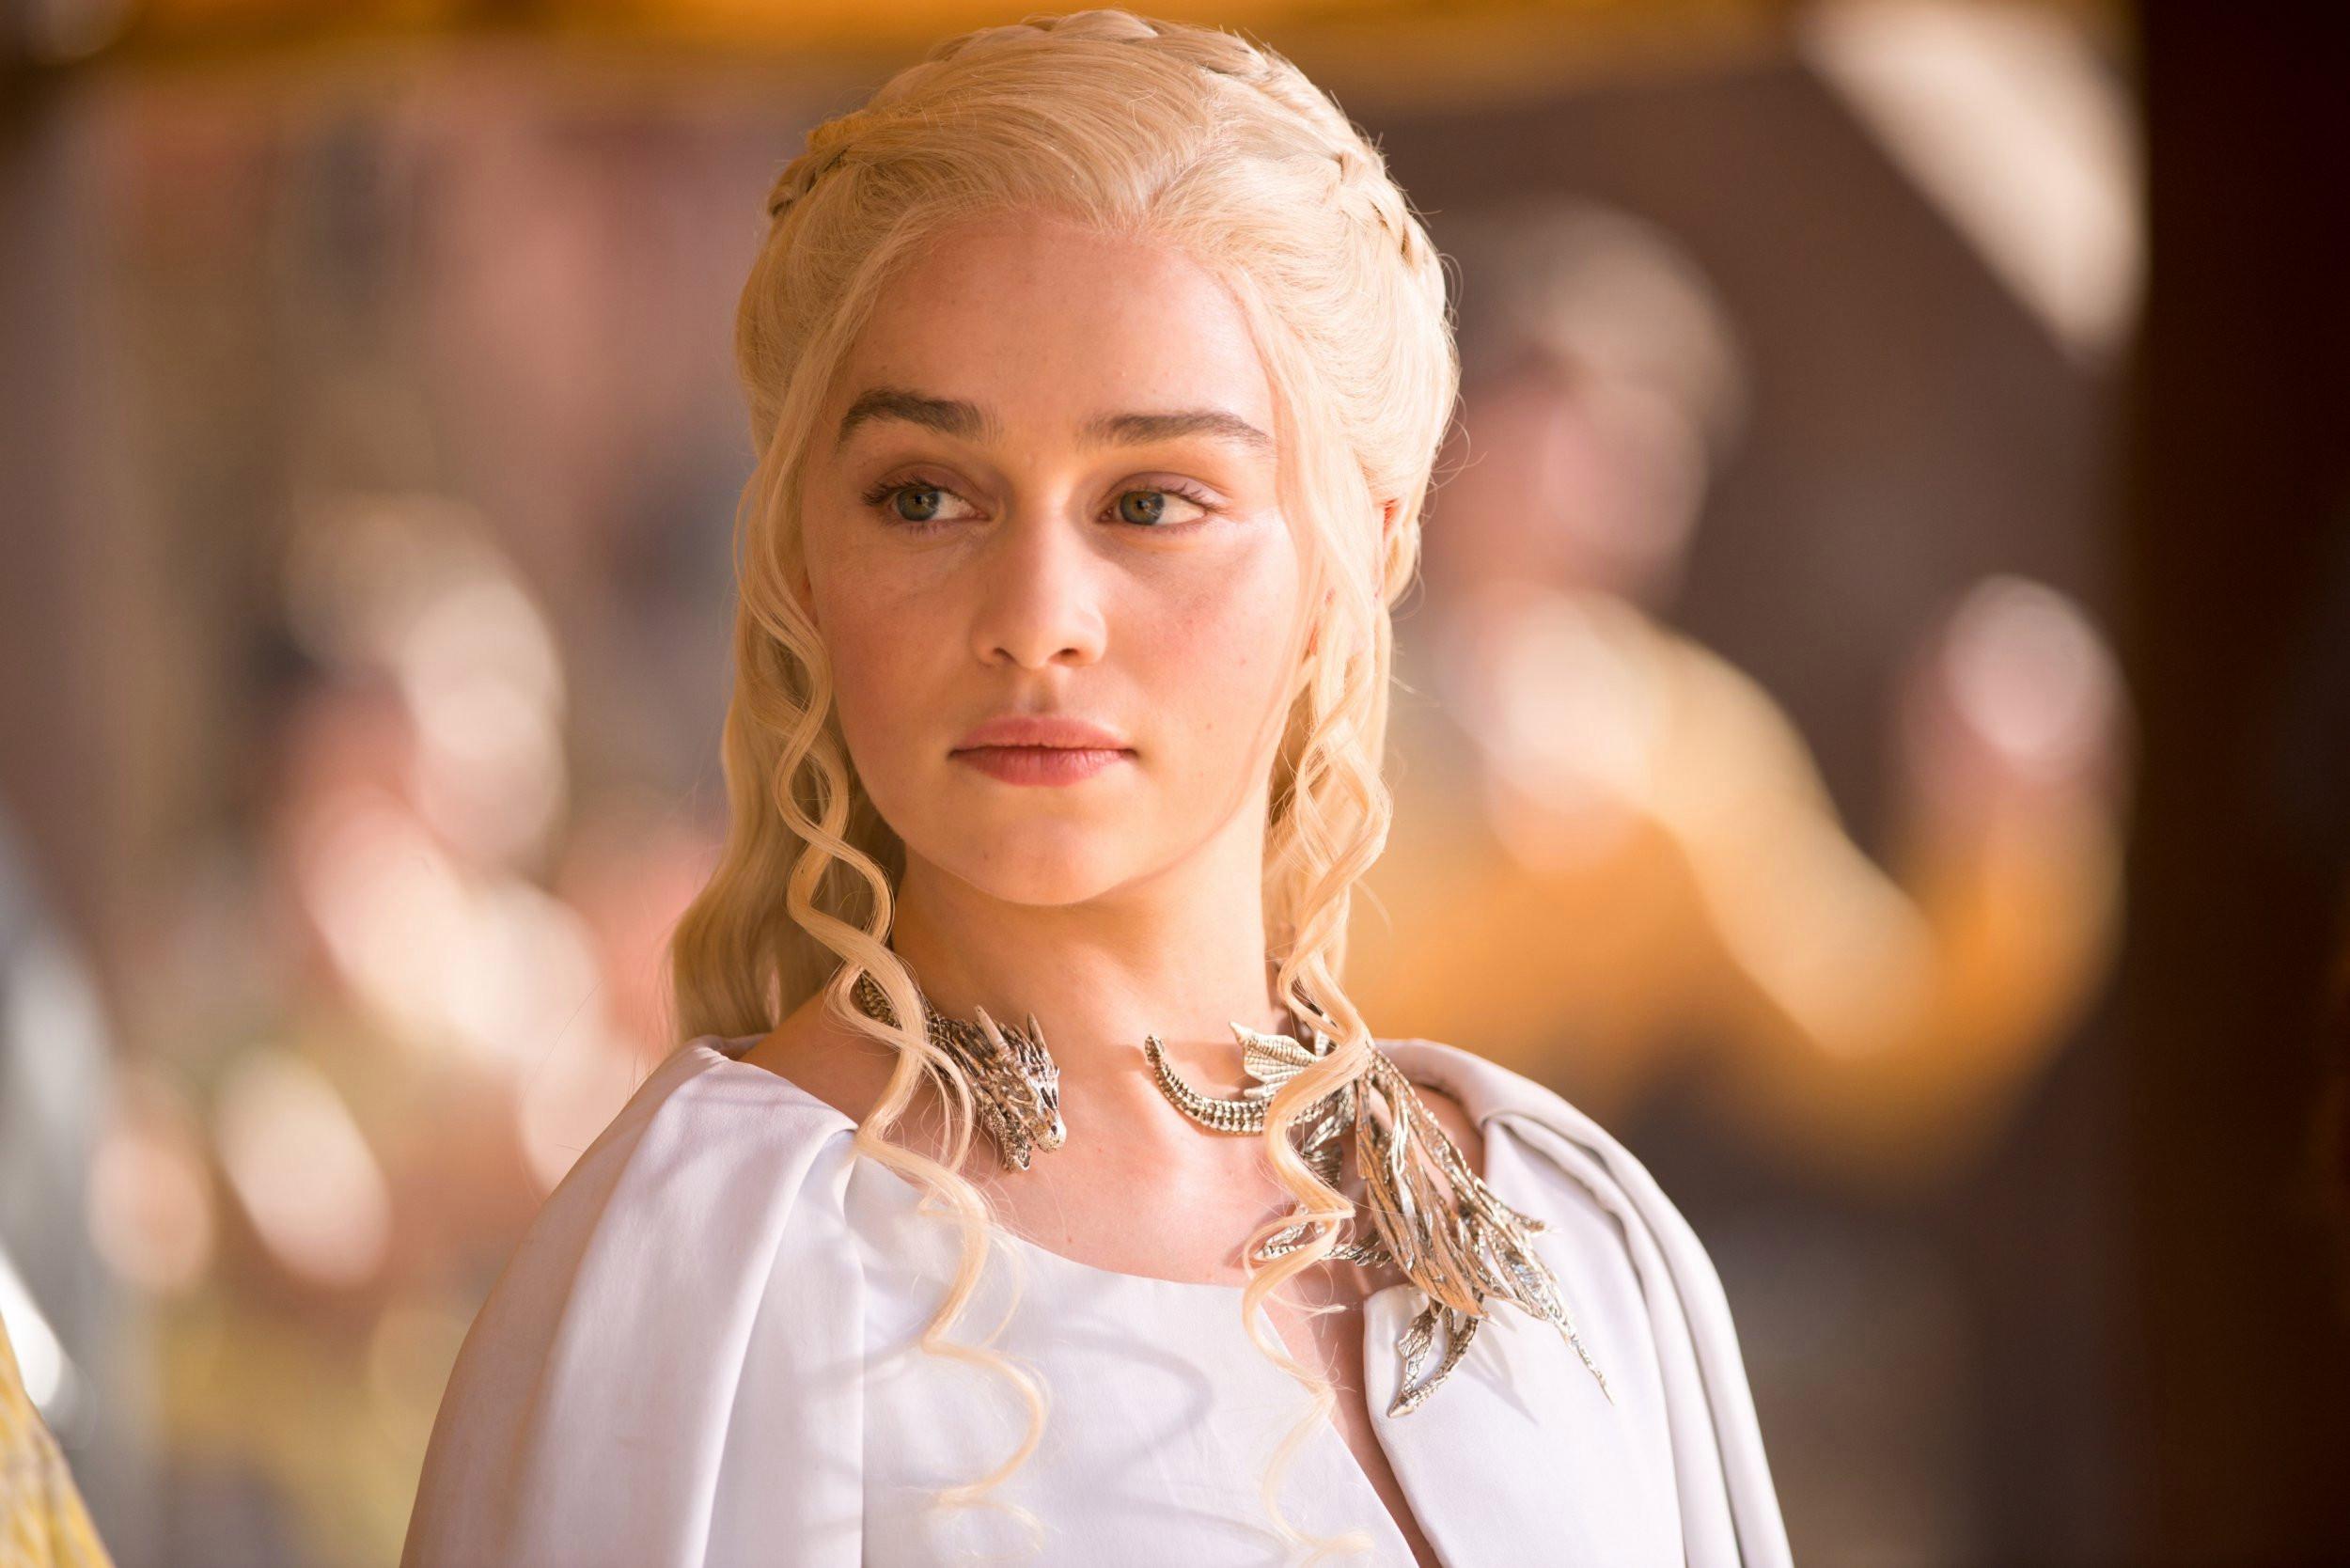 Aneurisma cerebral: A doença fatal de Daenerys de 'Guerra dos Tronos'